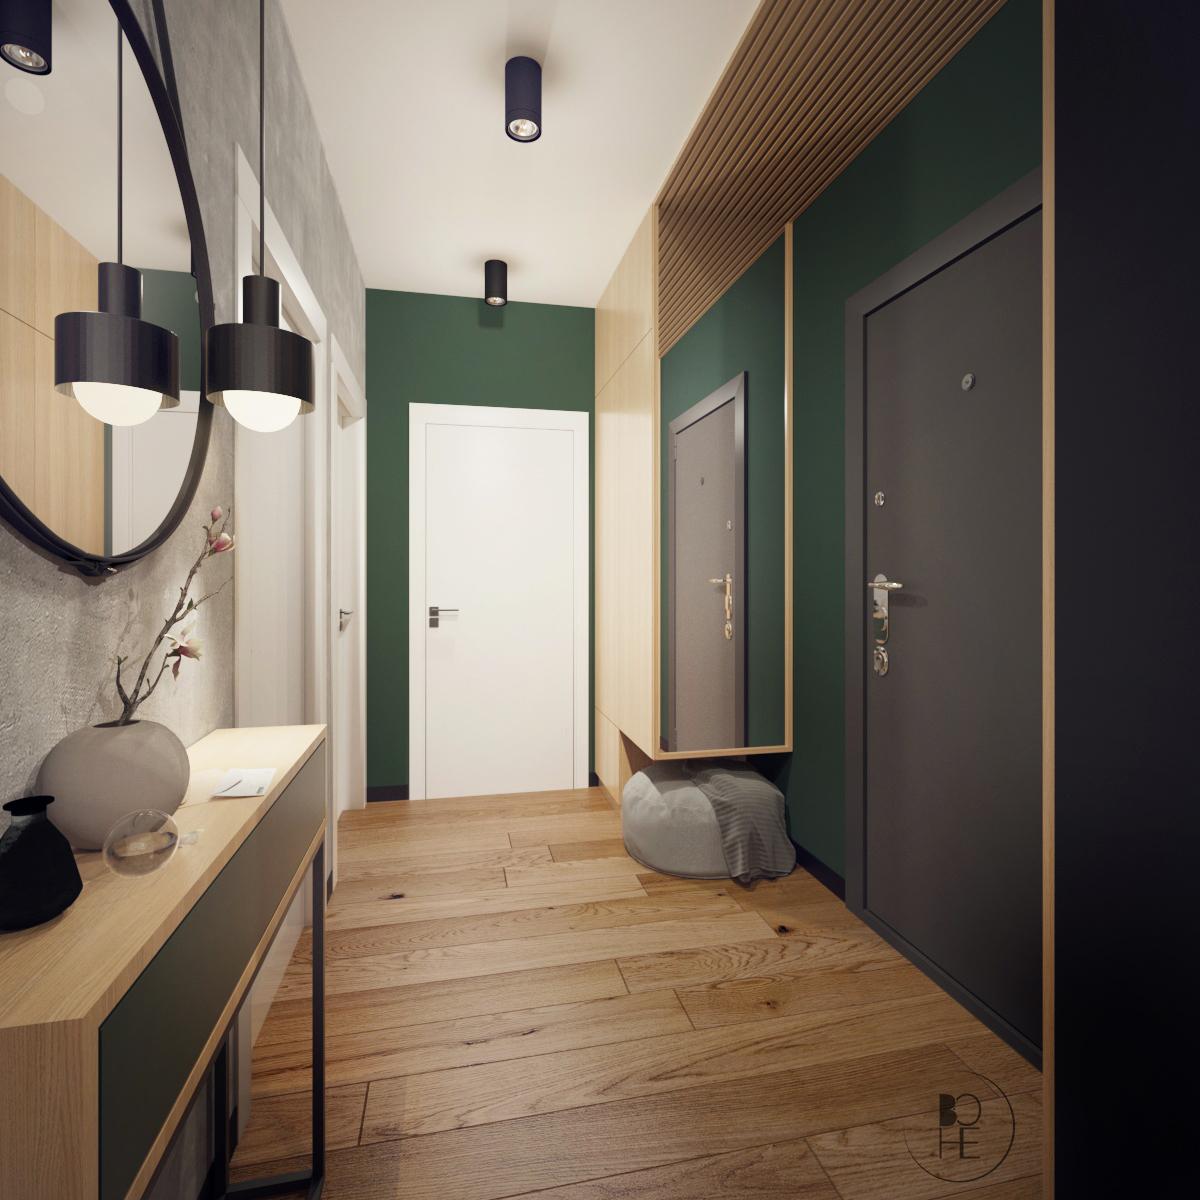 projektowanie wnętrz Łódź korytarz w zielono czarnych barwach